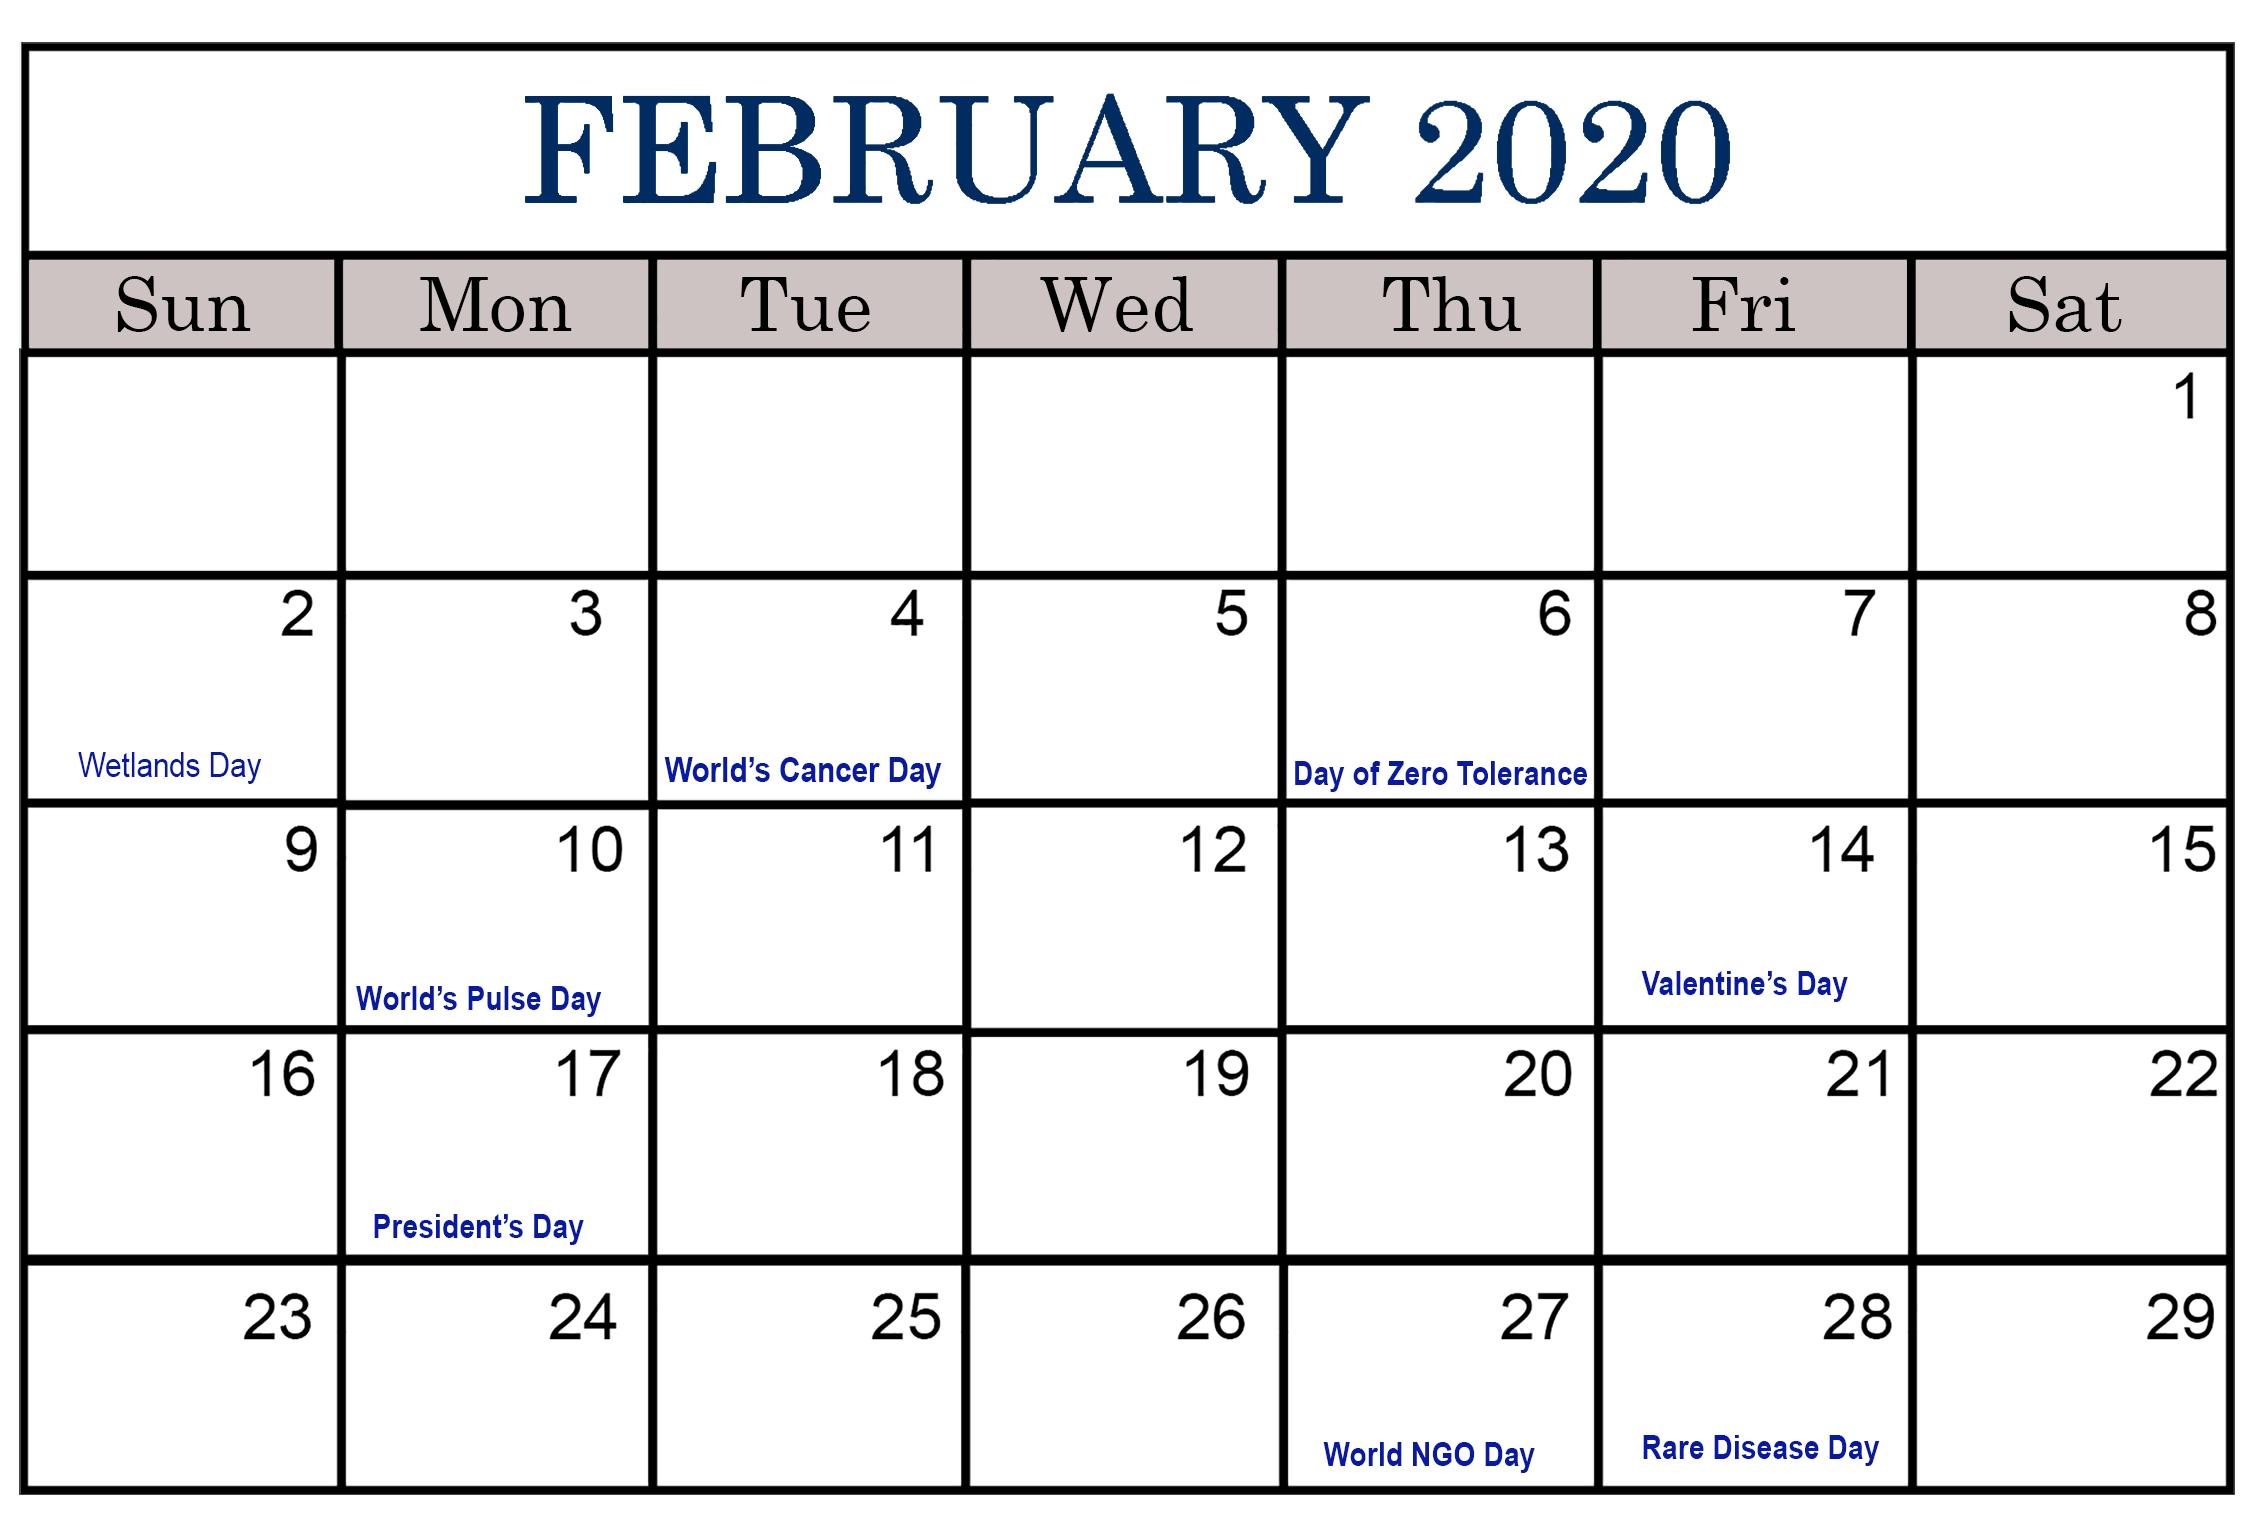 2020 Calendar February Festival | Printable Calendar 2020